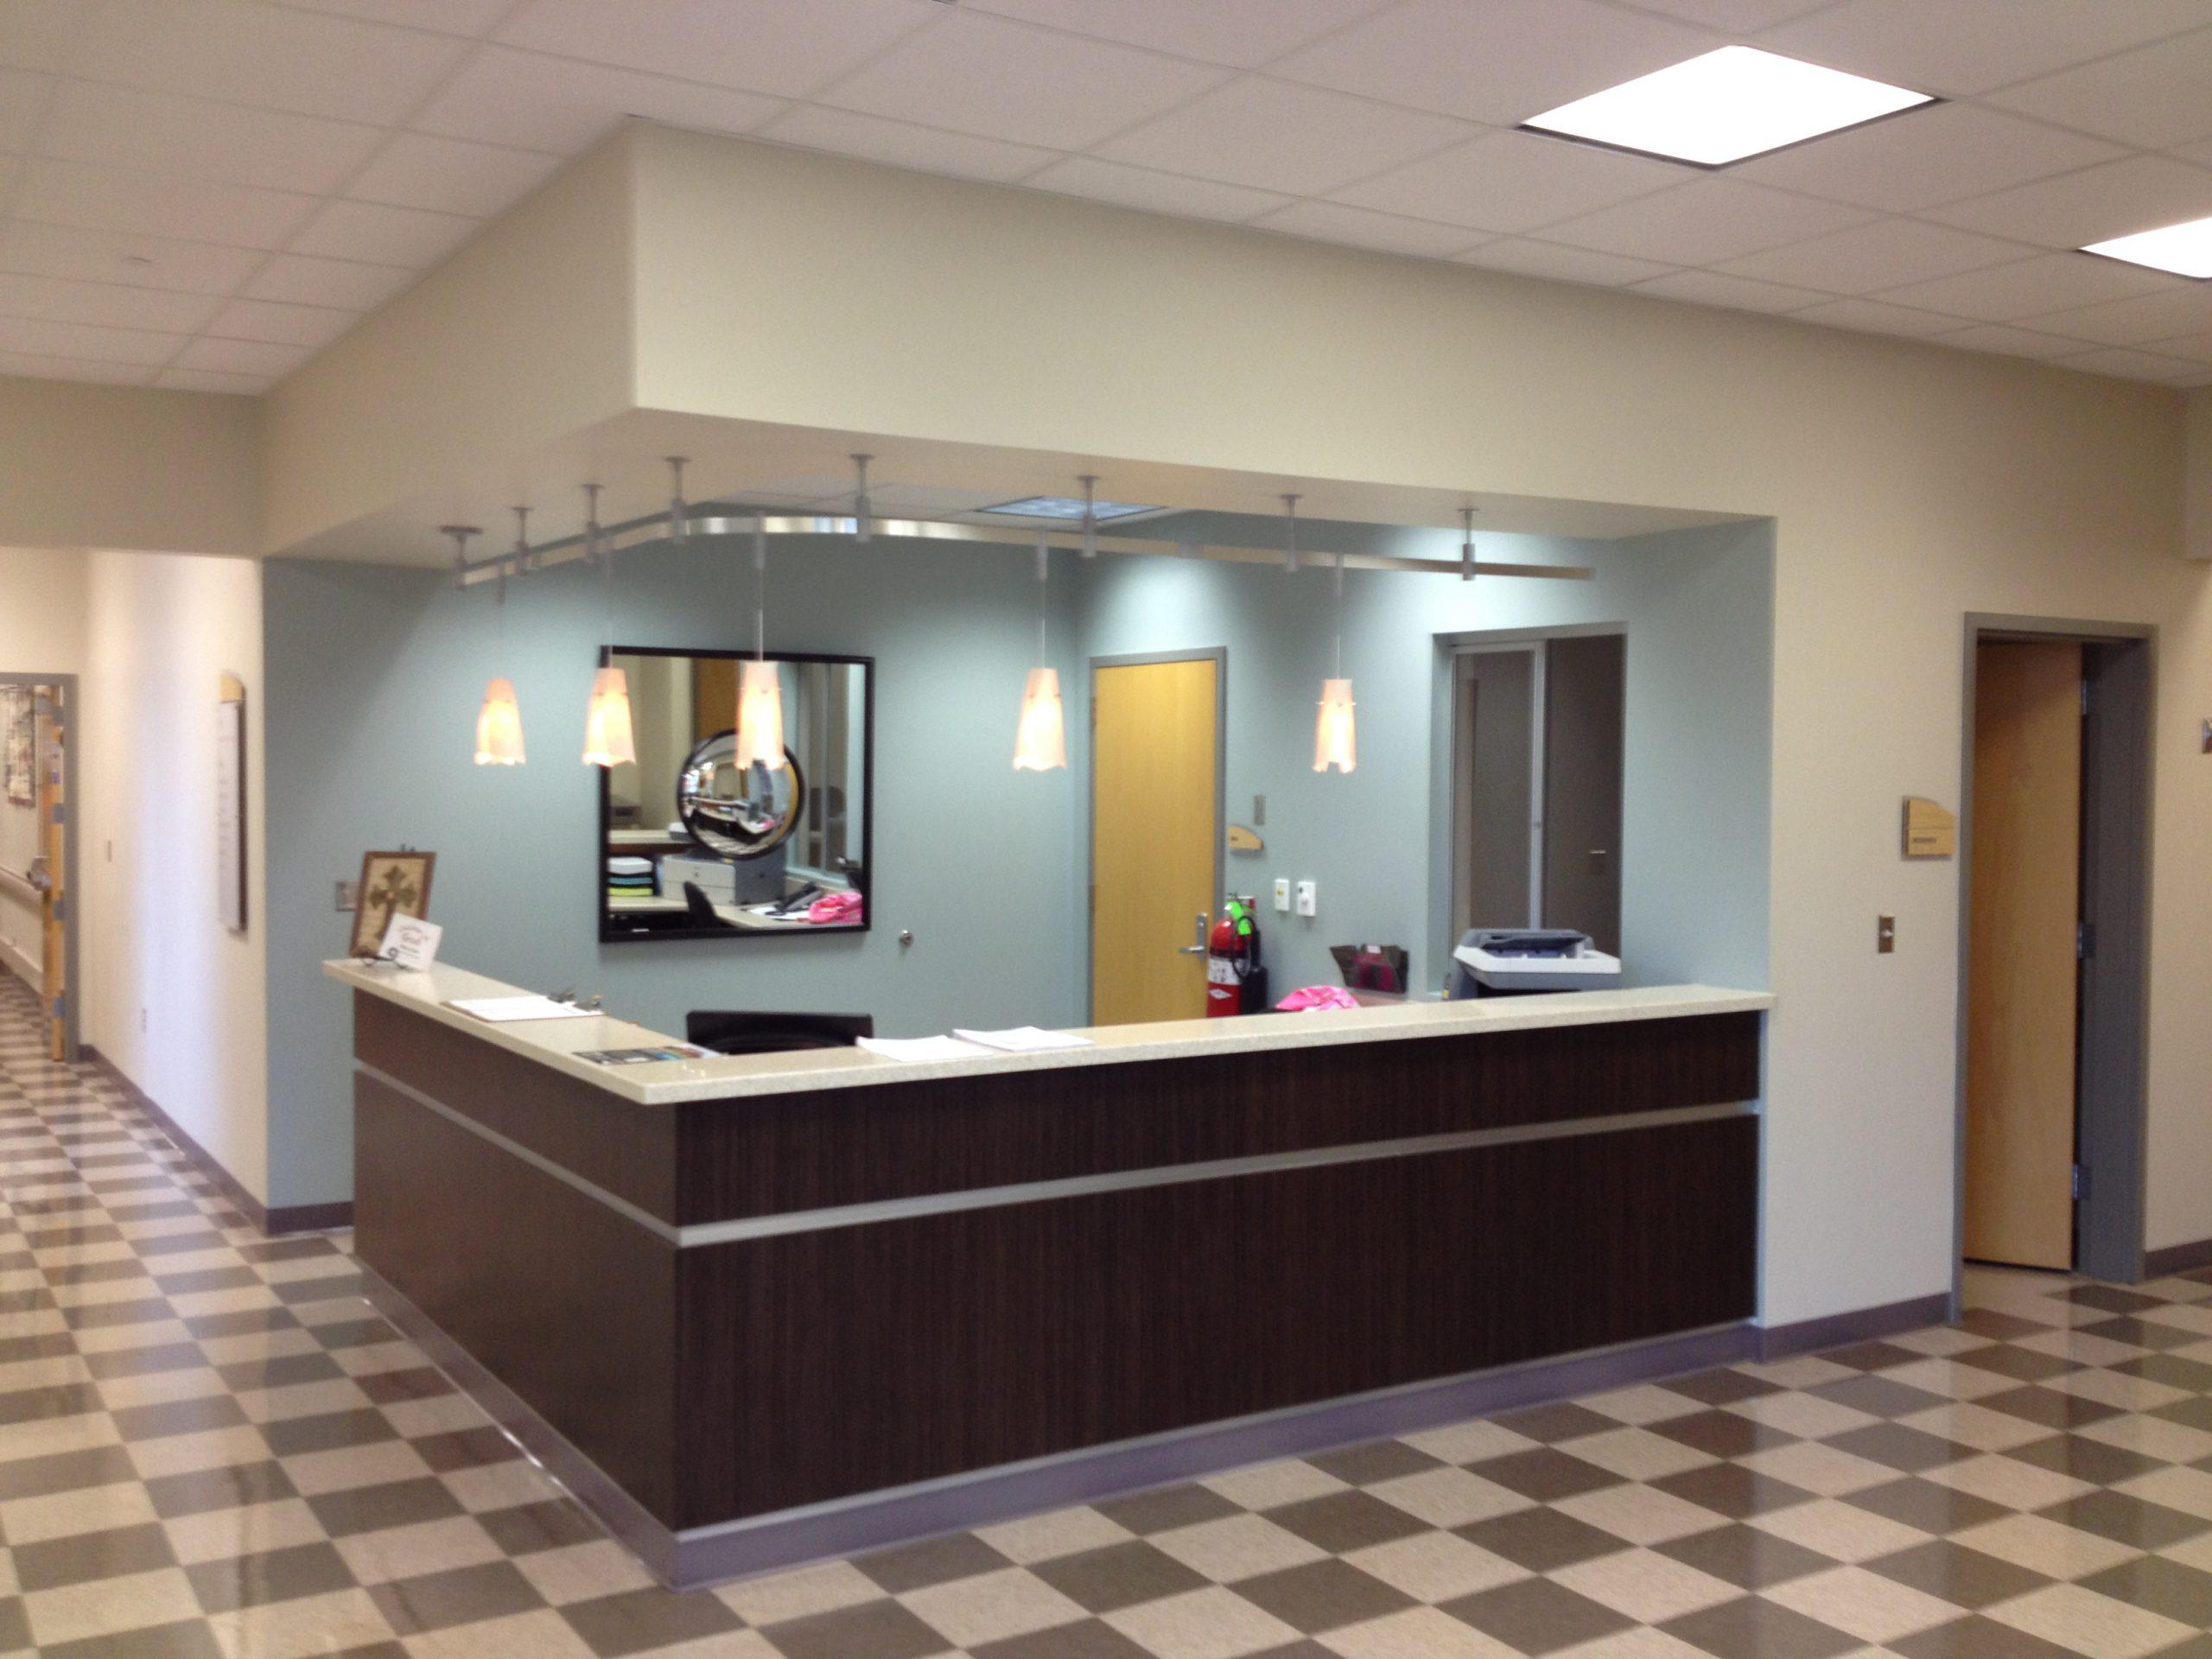 Choctaw Regional Medical Center